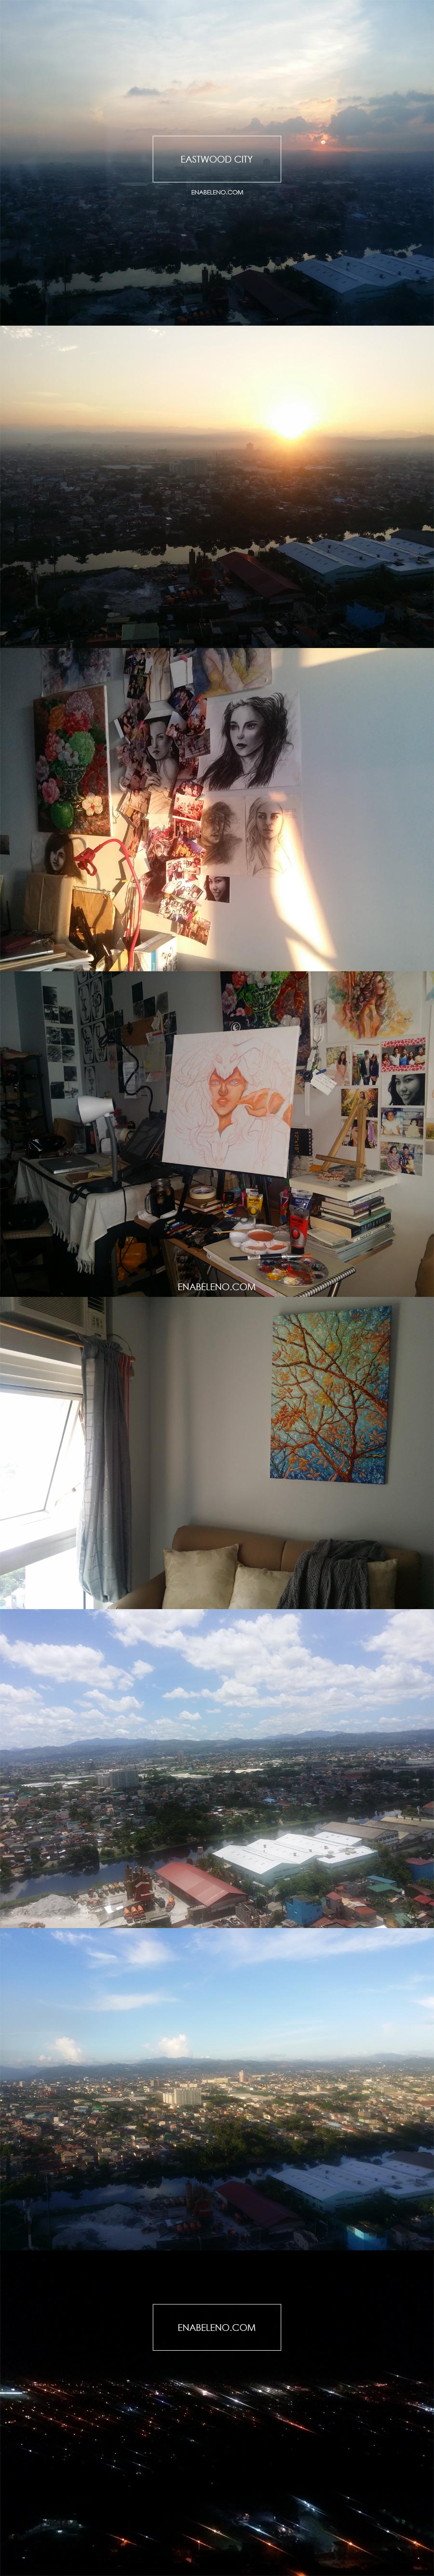 Painting Wprk space in Eastwood City by Ena Beleno